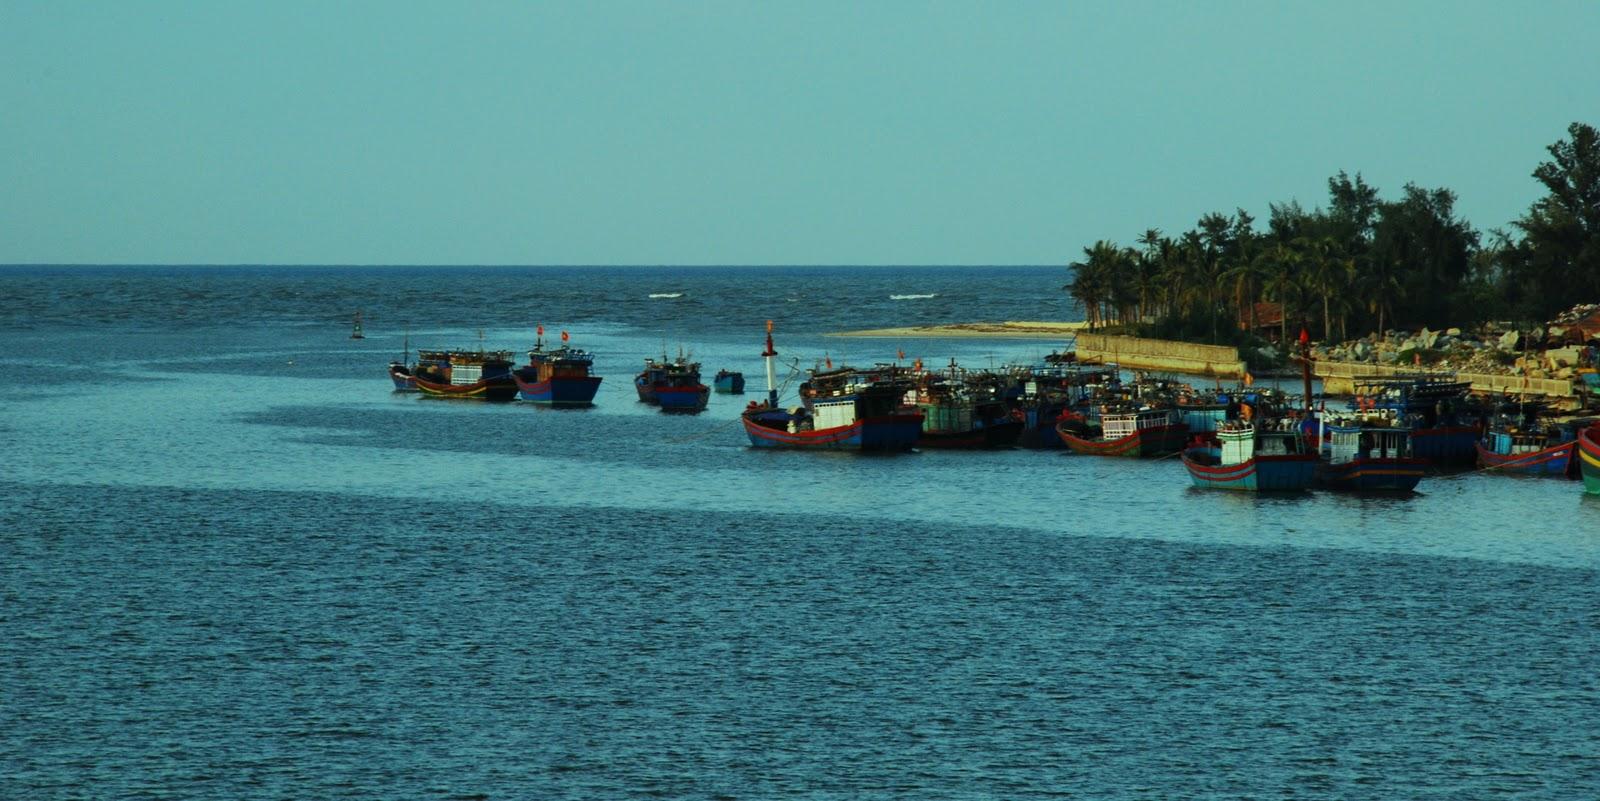 Phong Nha, Kẻ Bàng